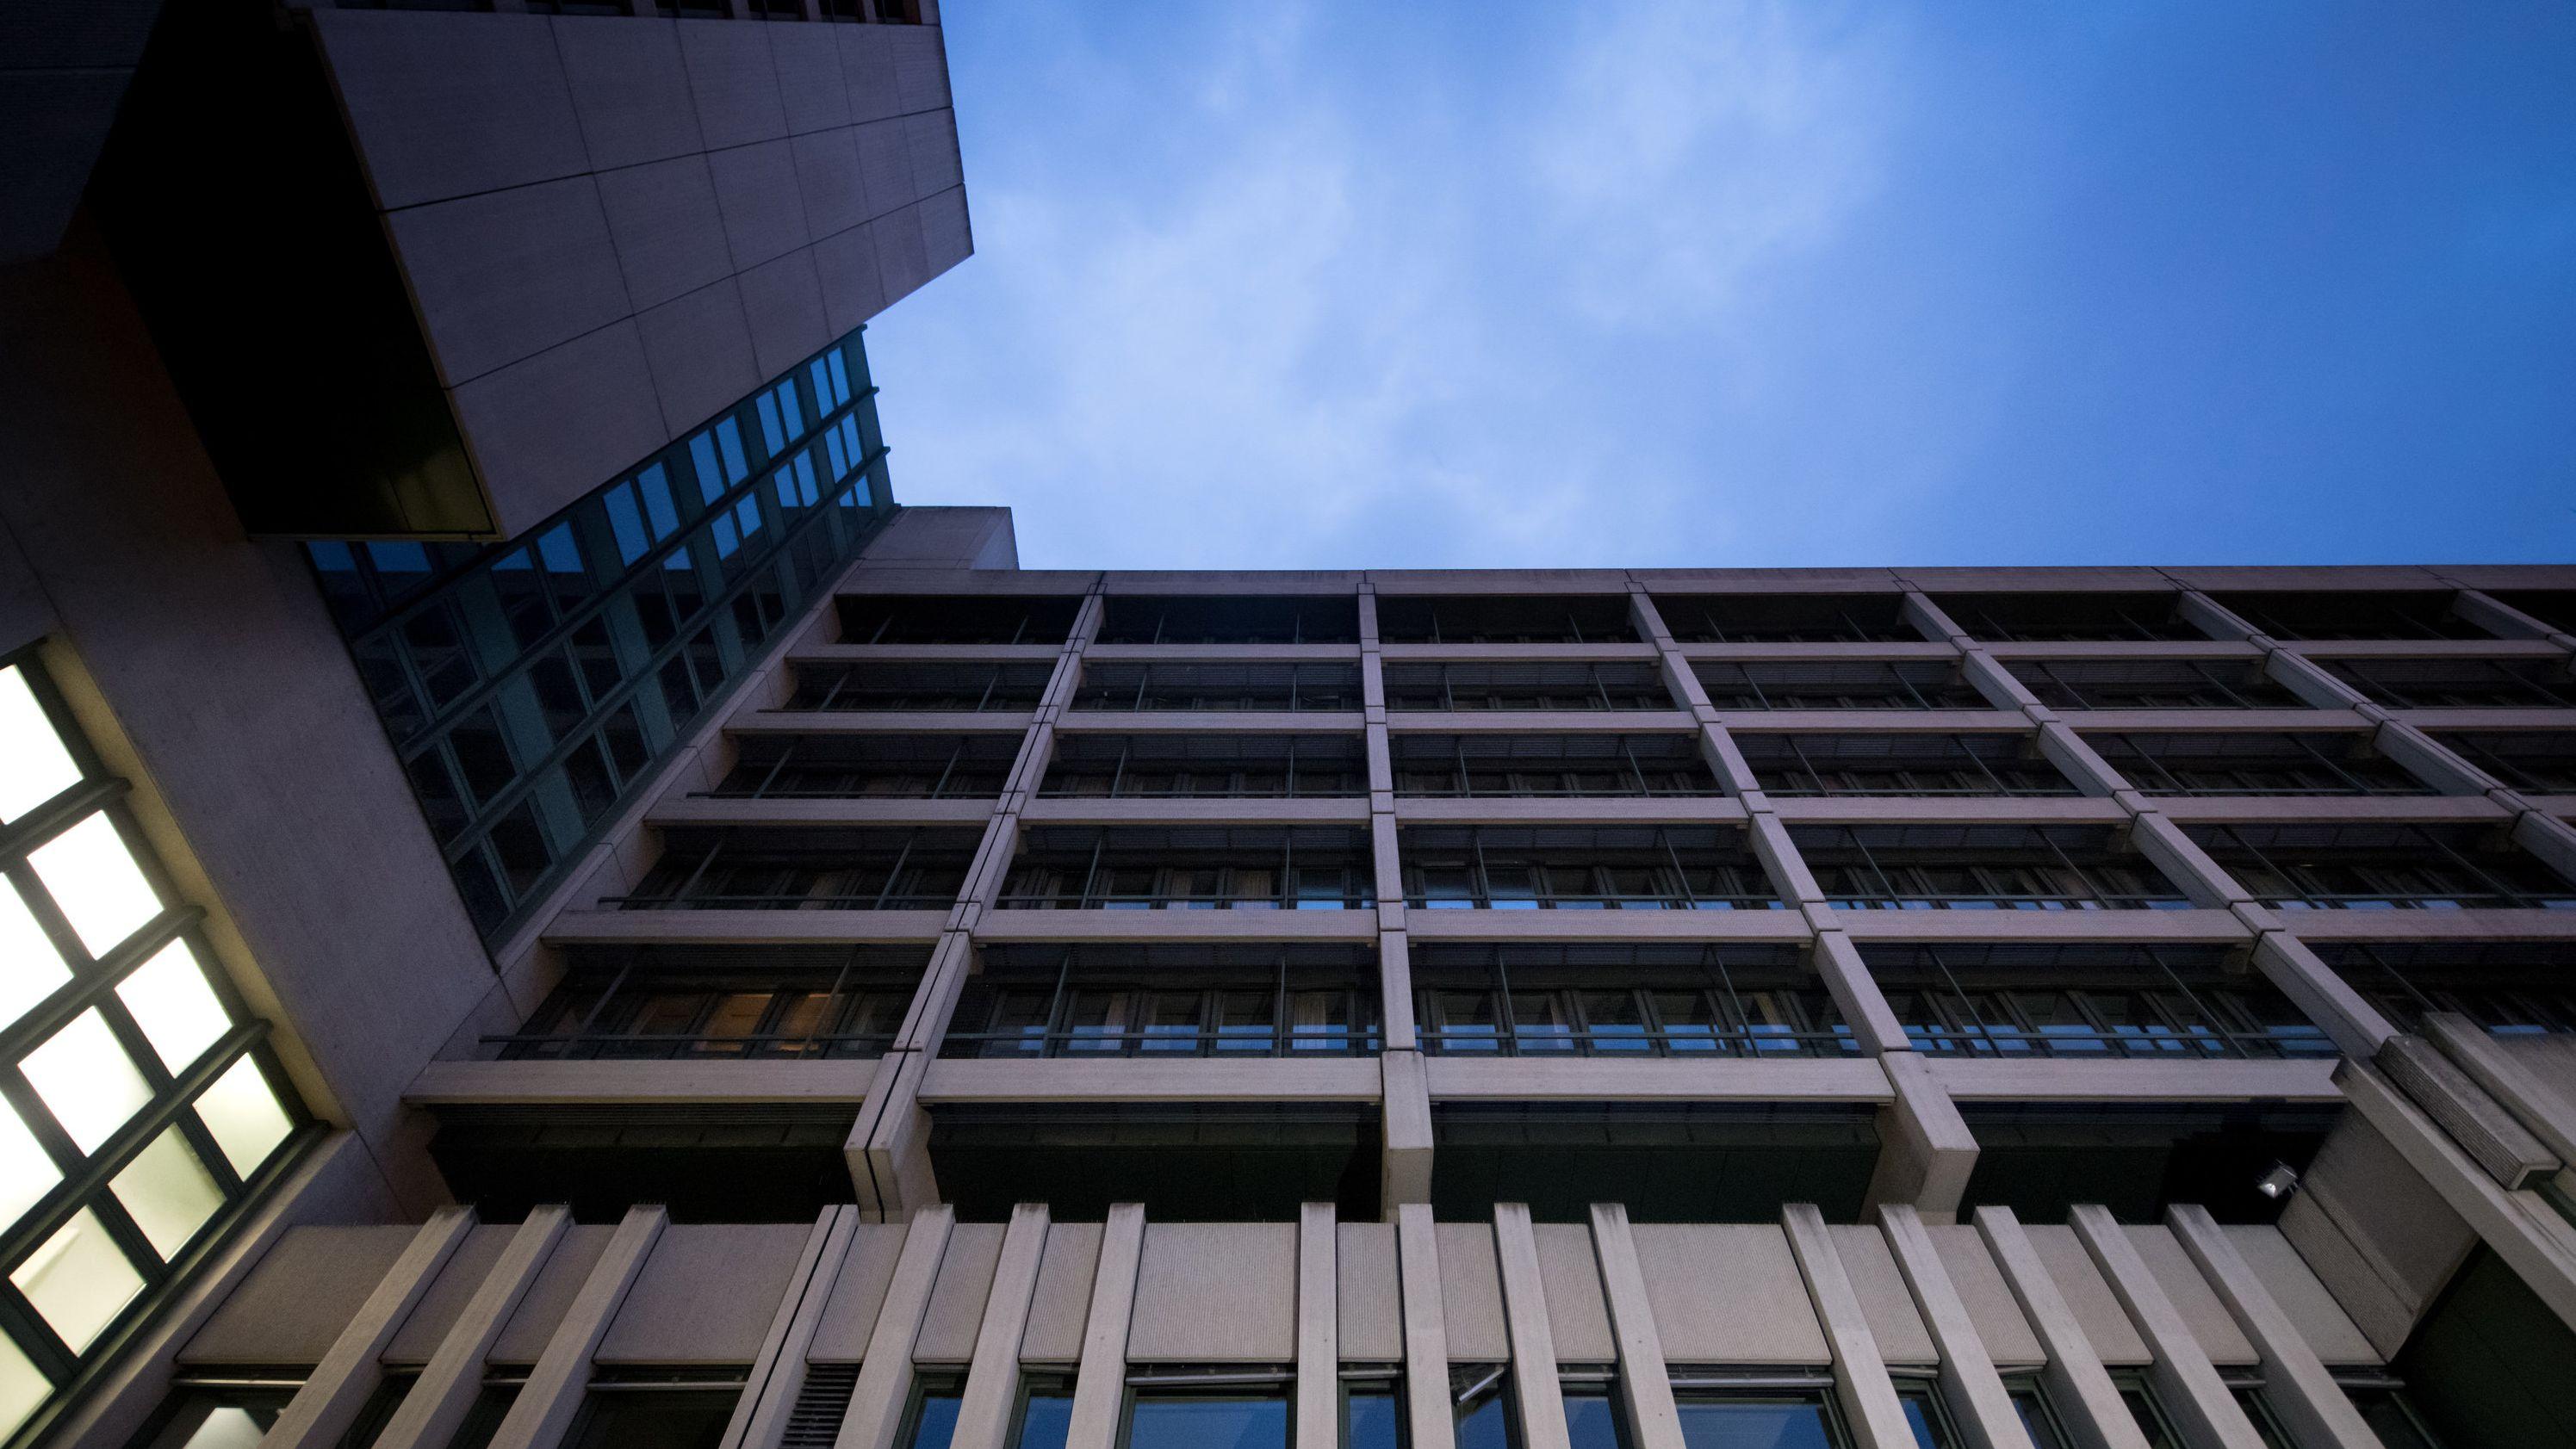 Berufungsprozess im Gebäude des OLG München: Versicherung will nicht für geschrotteten Porsche zahlen.